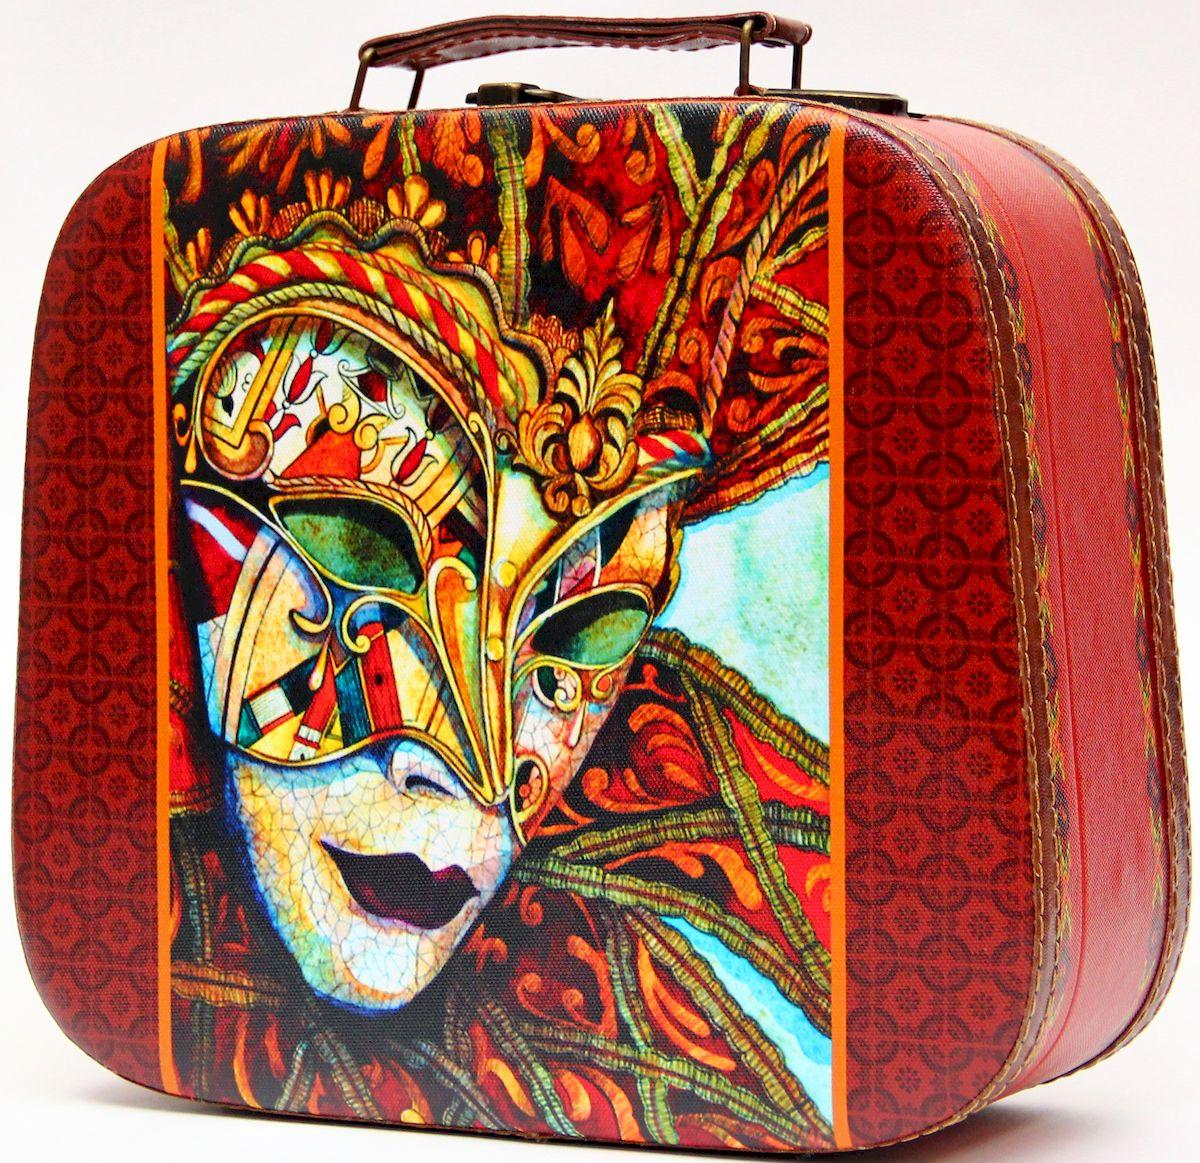 Шкатулка декоративная Magic Home Маска, цвет: бордовый, 28,5 х 25 х 10,5 смFS-91909Декоративная шкатулка Magic Home Маска, выполненная из МДФ, оформлена ярким цветным изображением. Изделие закрывается на металлический замок и оснащено оригинальной ручкой под старину для переноски.Такая шкатулка может использоваться для хранения бижутерии, предметов рукоделия, в качестве украшения интерьера, а также послужит хорошим подарком для человека, ценящего практичные и оригинальные вещицы.